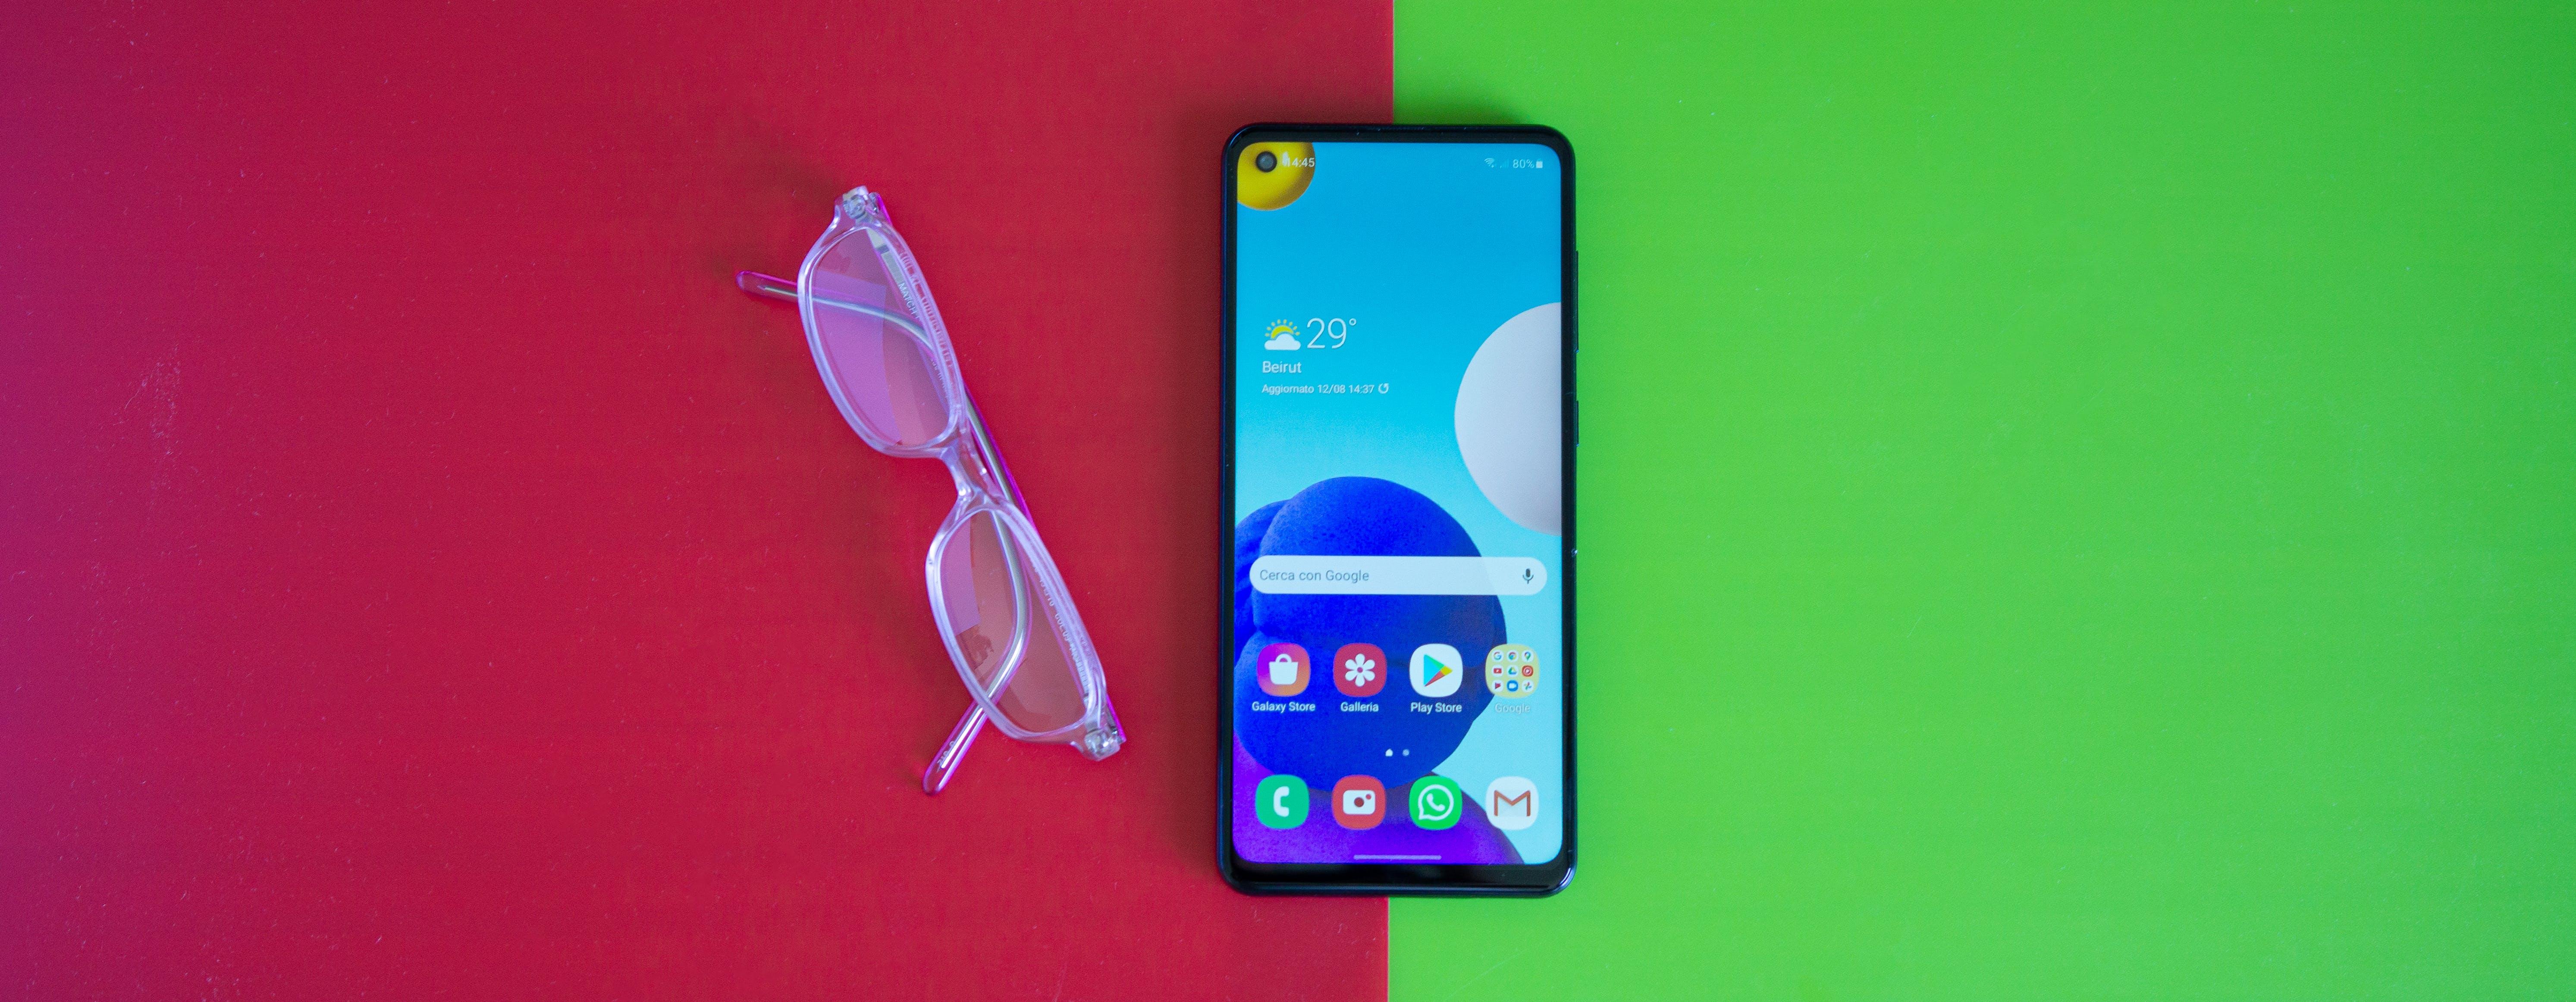 Recensione: Samsung Galaxy A21s, l'economico che si compra per l'autonomia